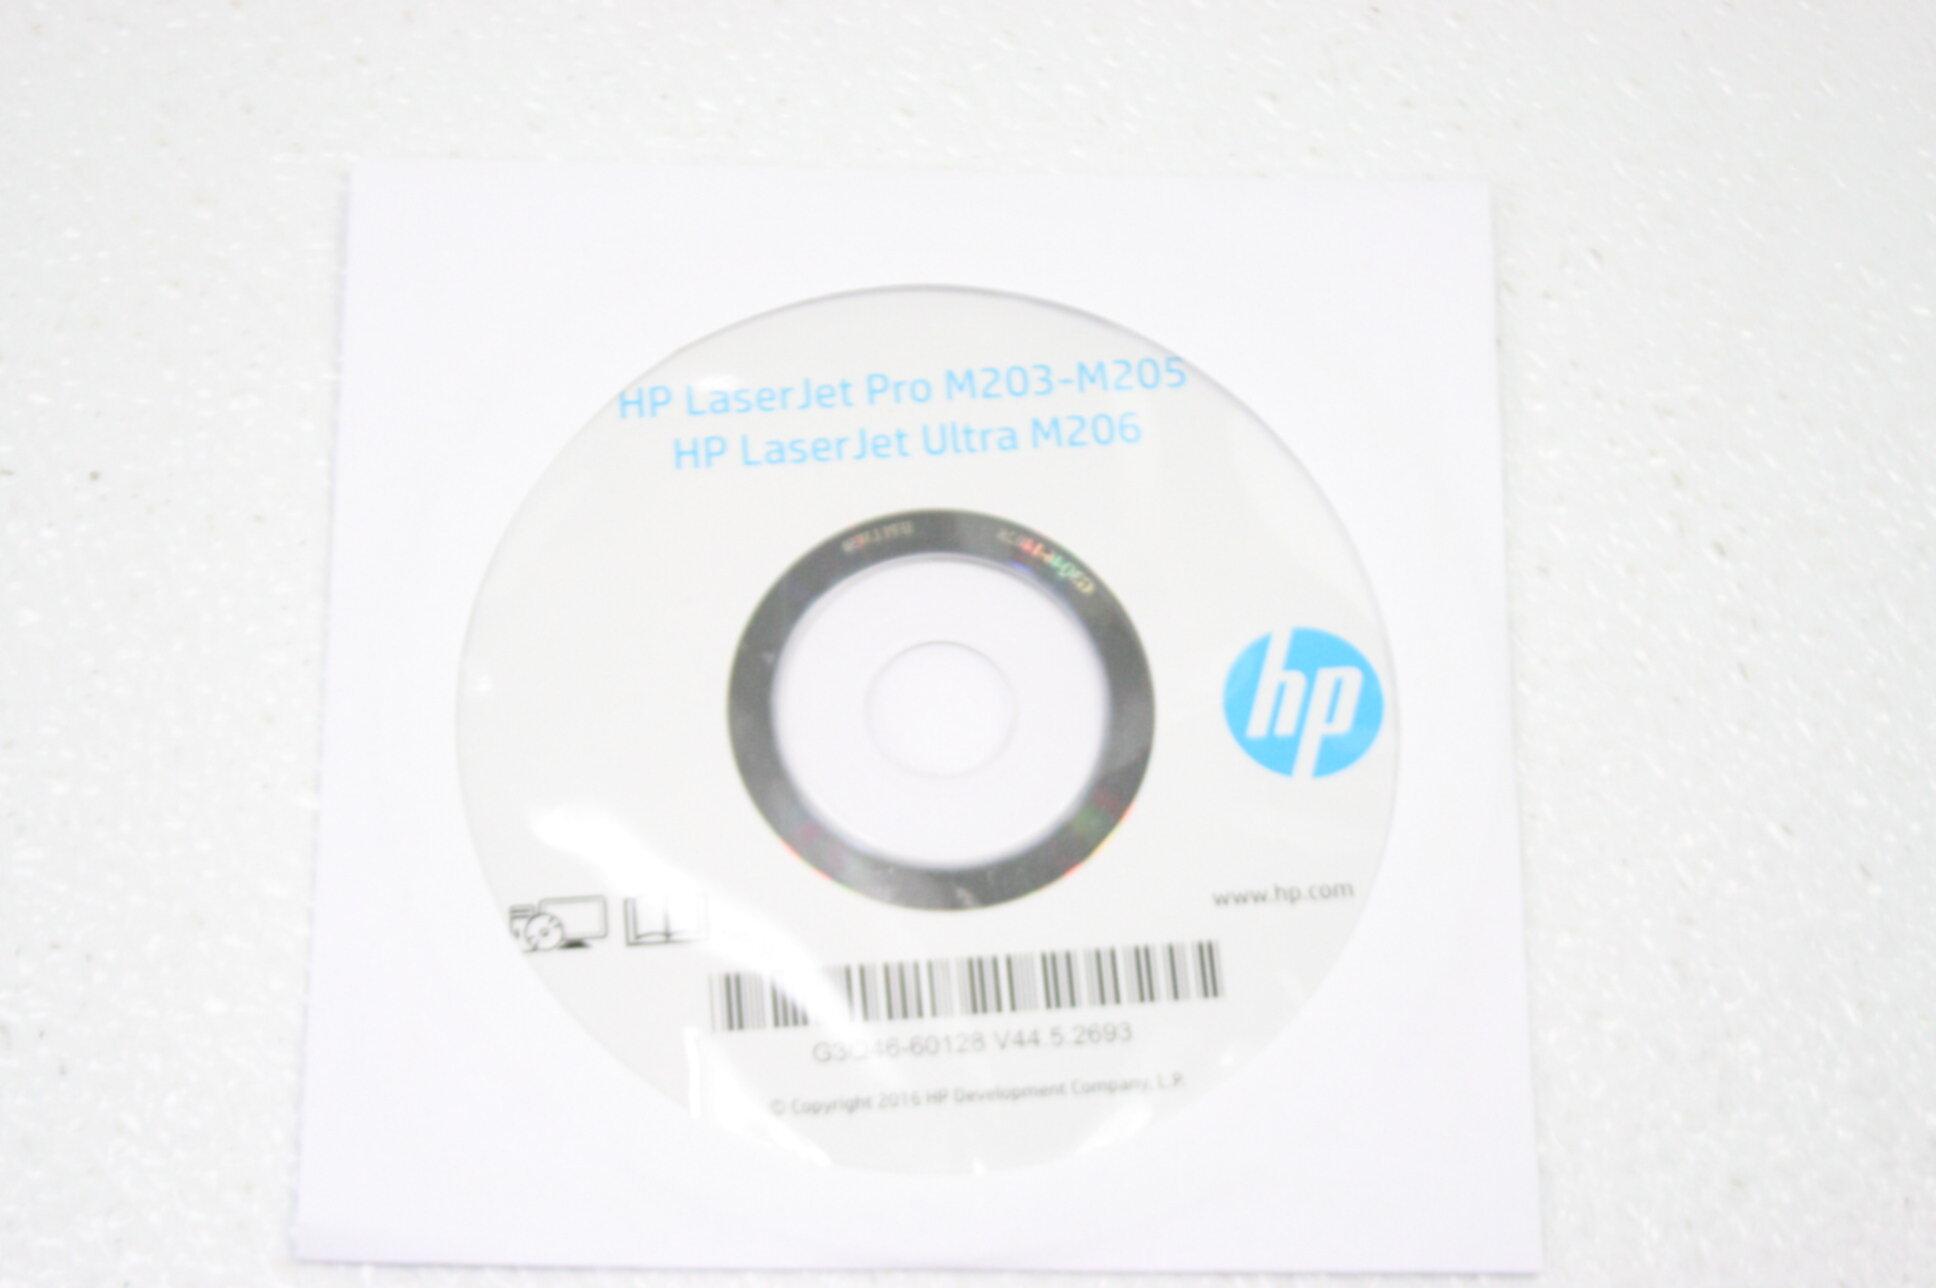 HP G3Q47A LaserJet Pro M203dw Heavy Duty Office Wireless